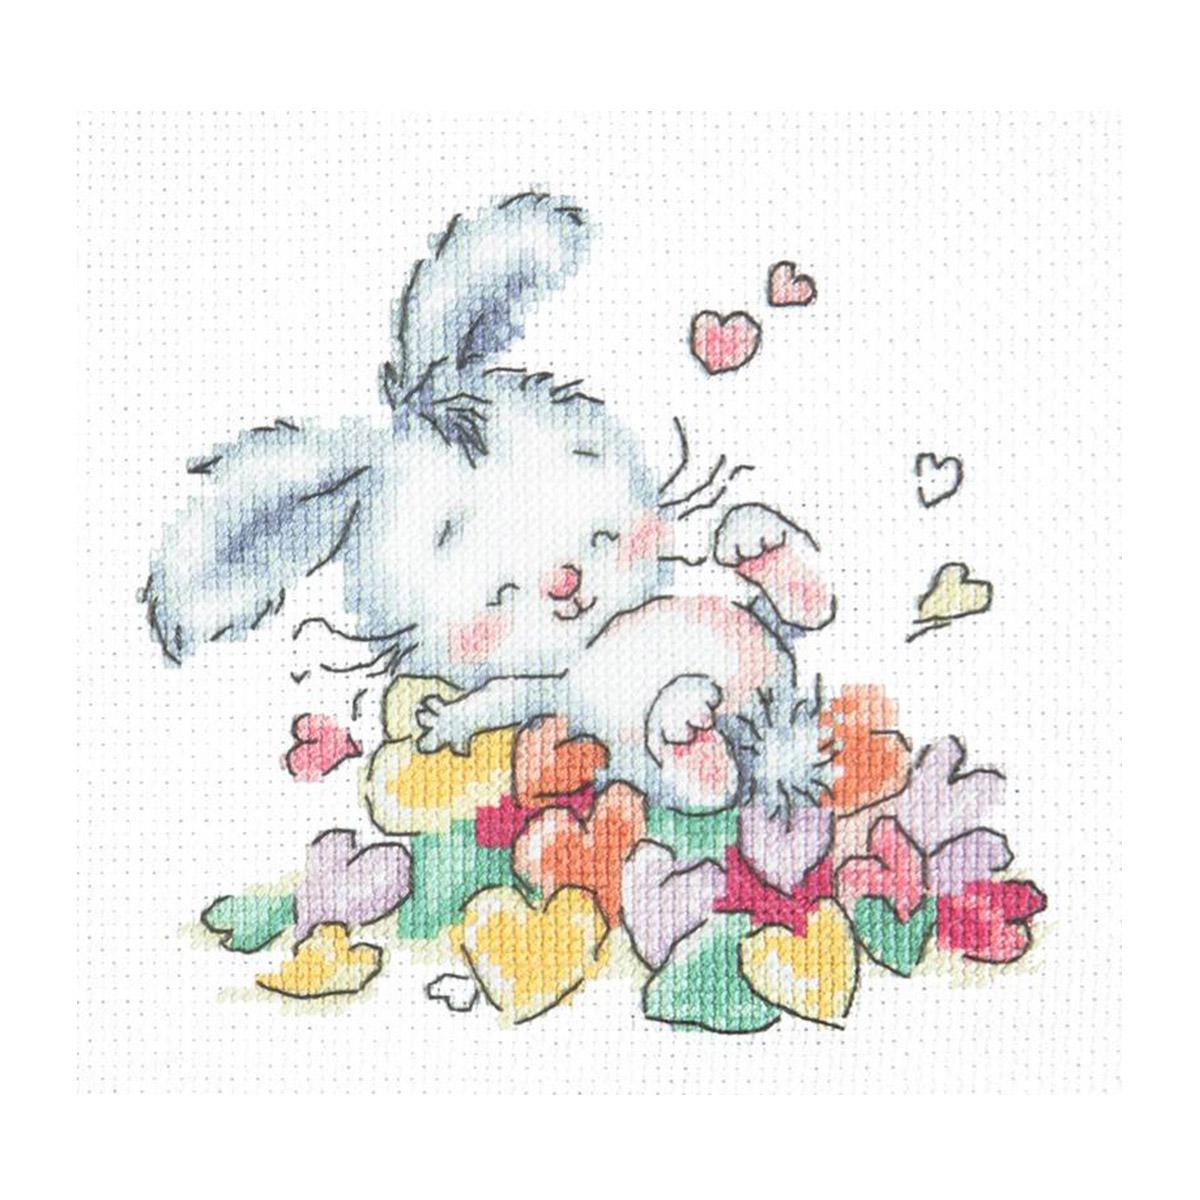 19-07 Набор для вышивания 'Чудесная игла' 'Утопаю в любви', 13*12 см